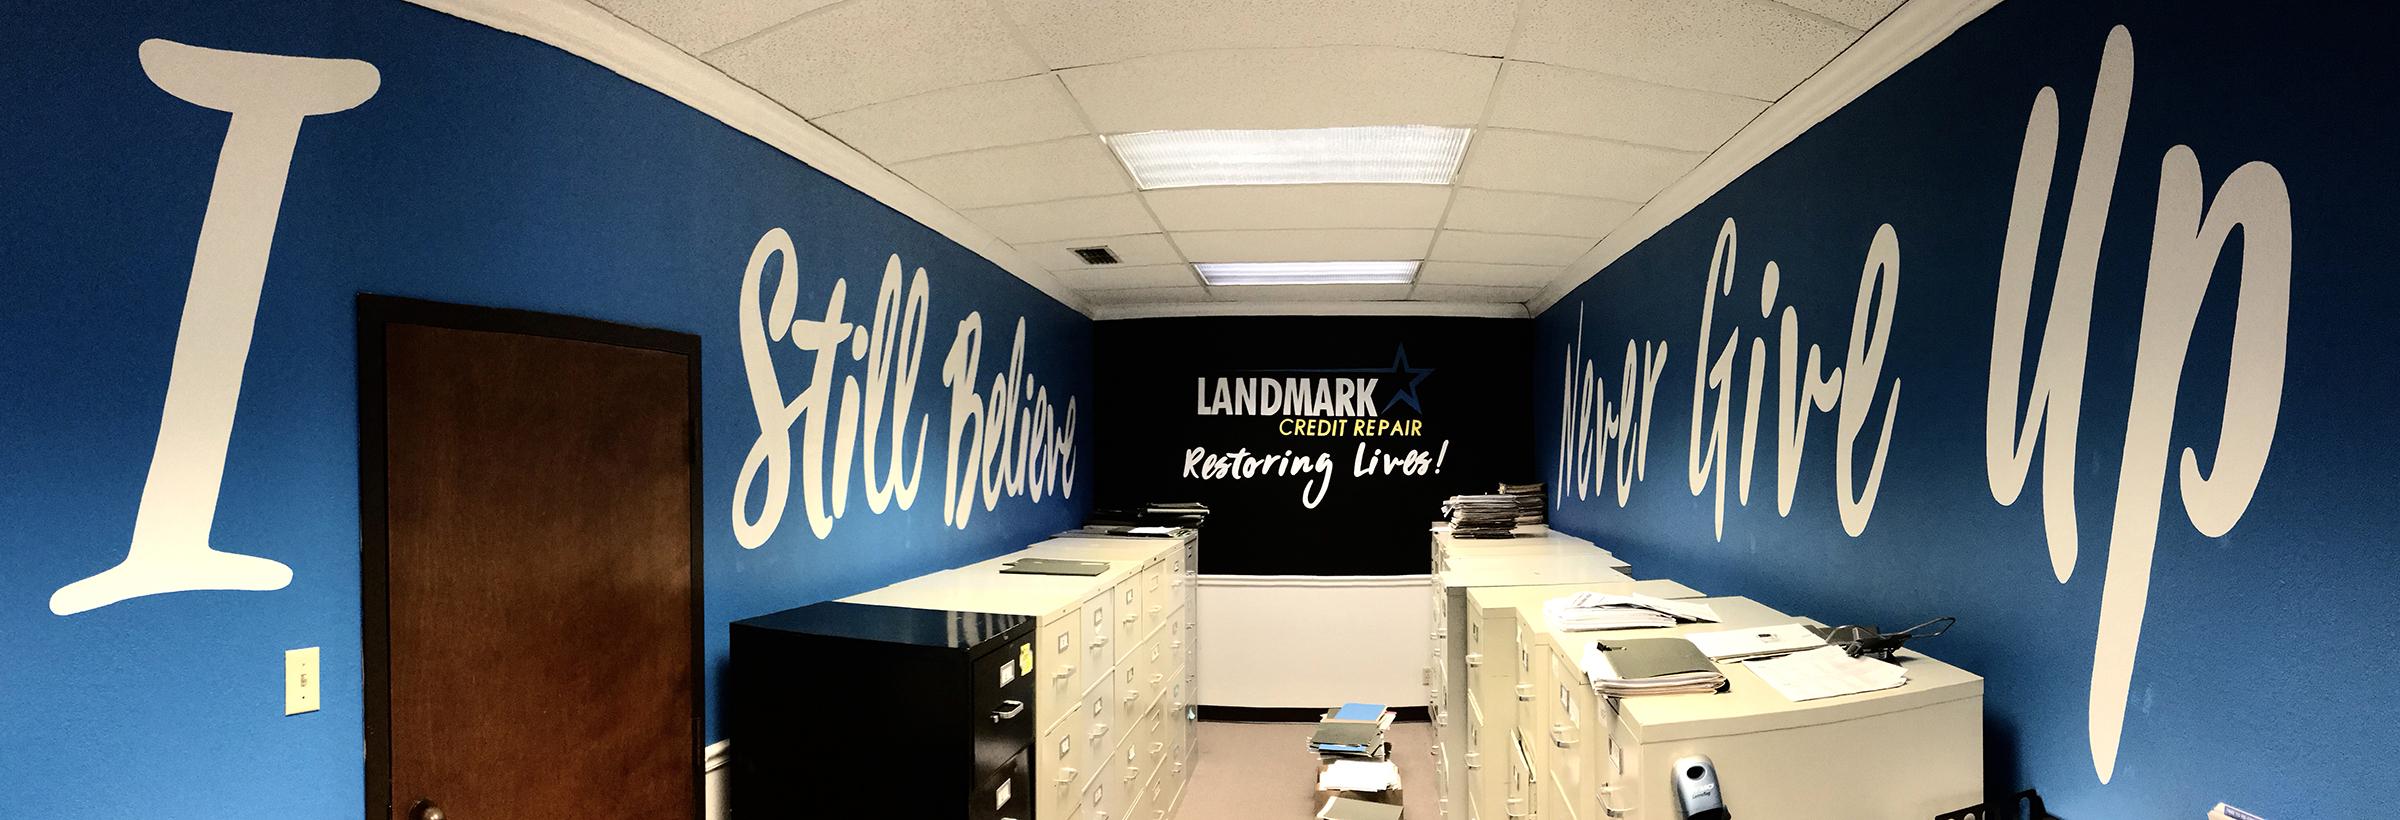 Landmark Credit Repair mural